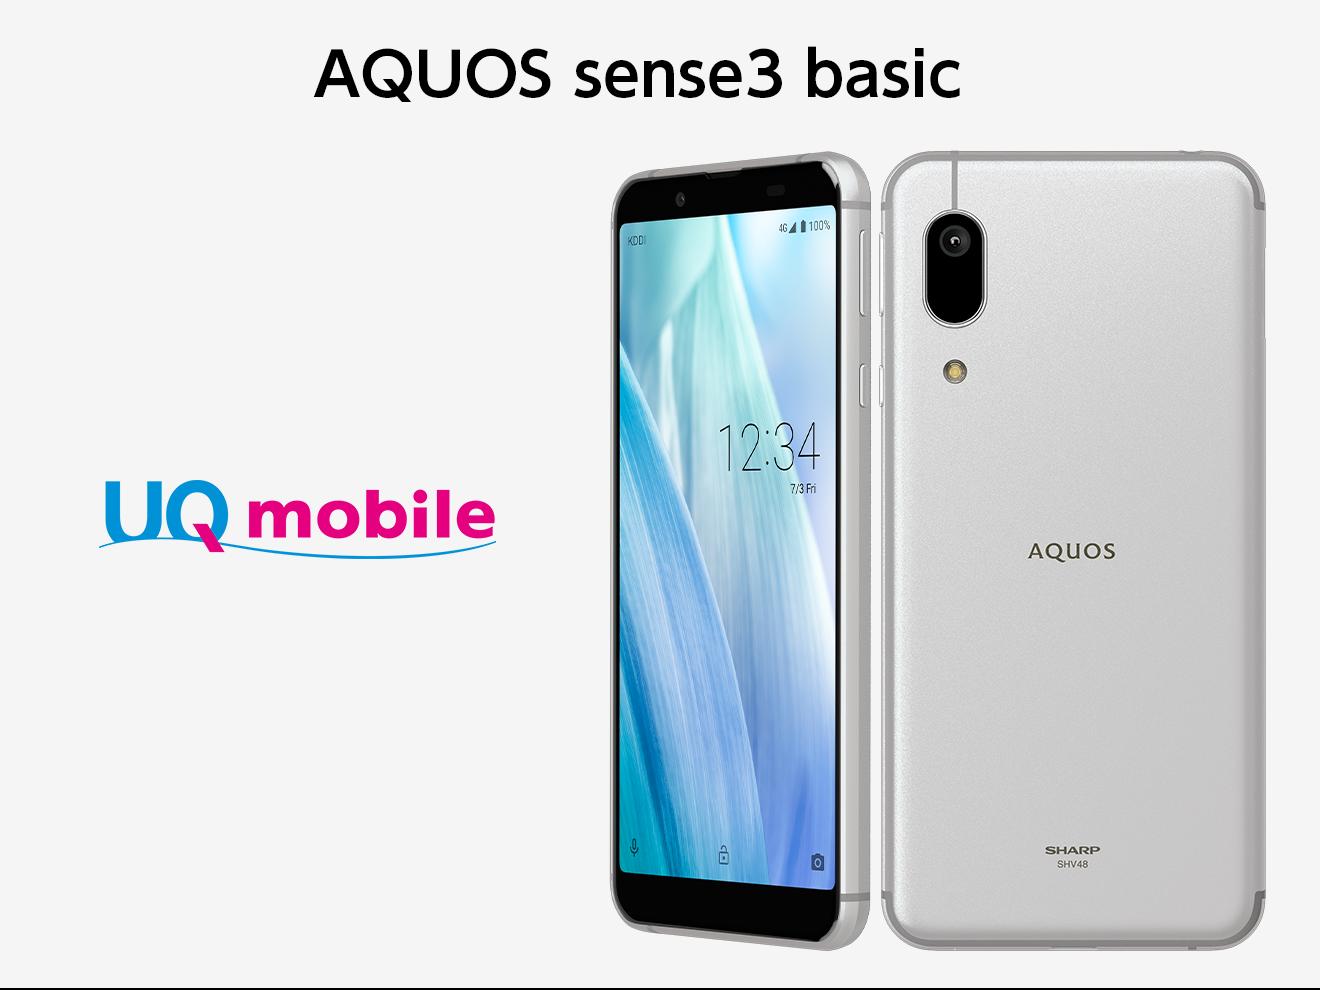 sense3 basic